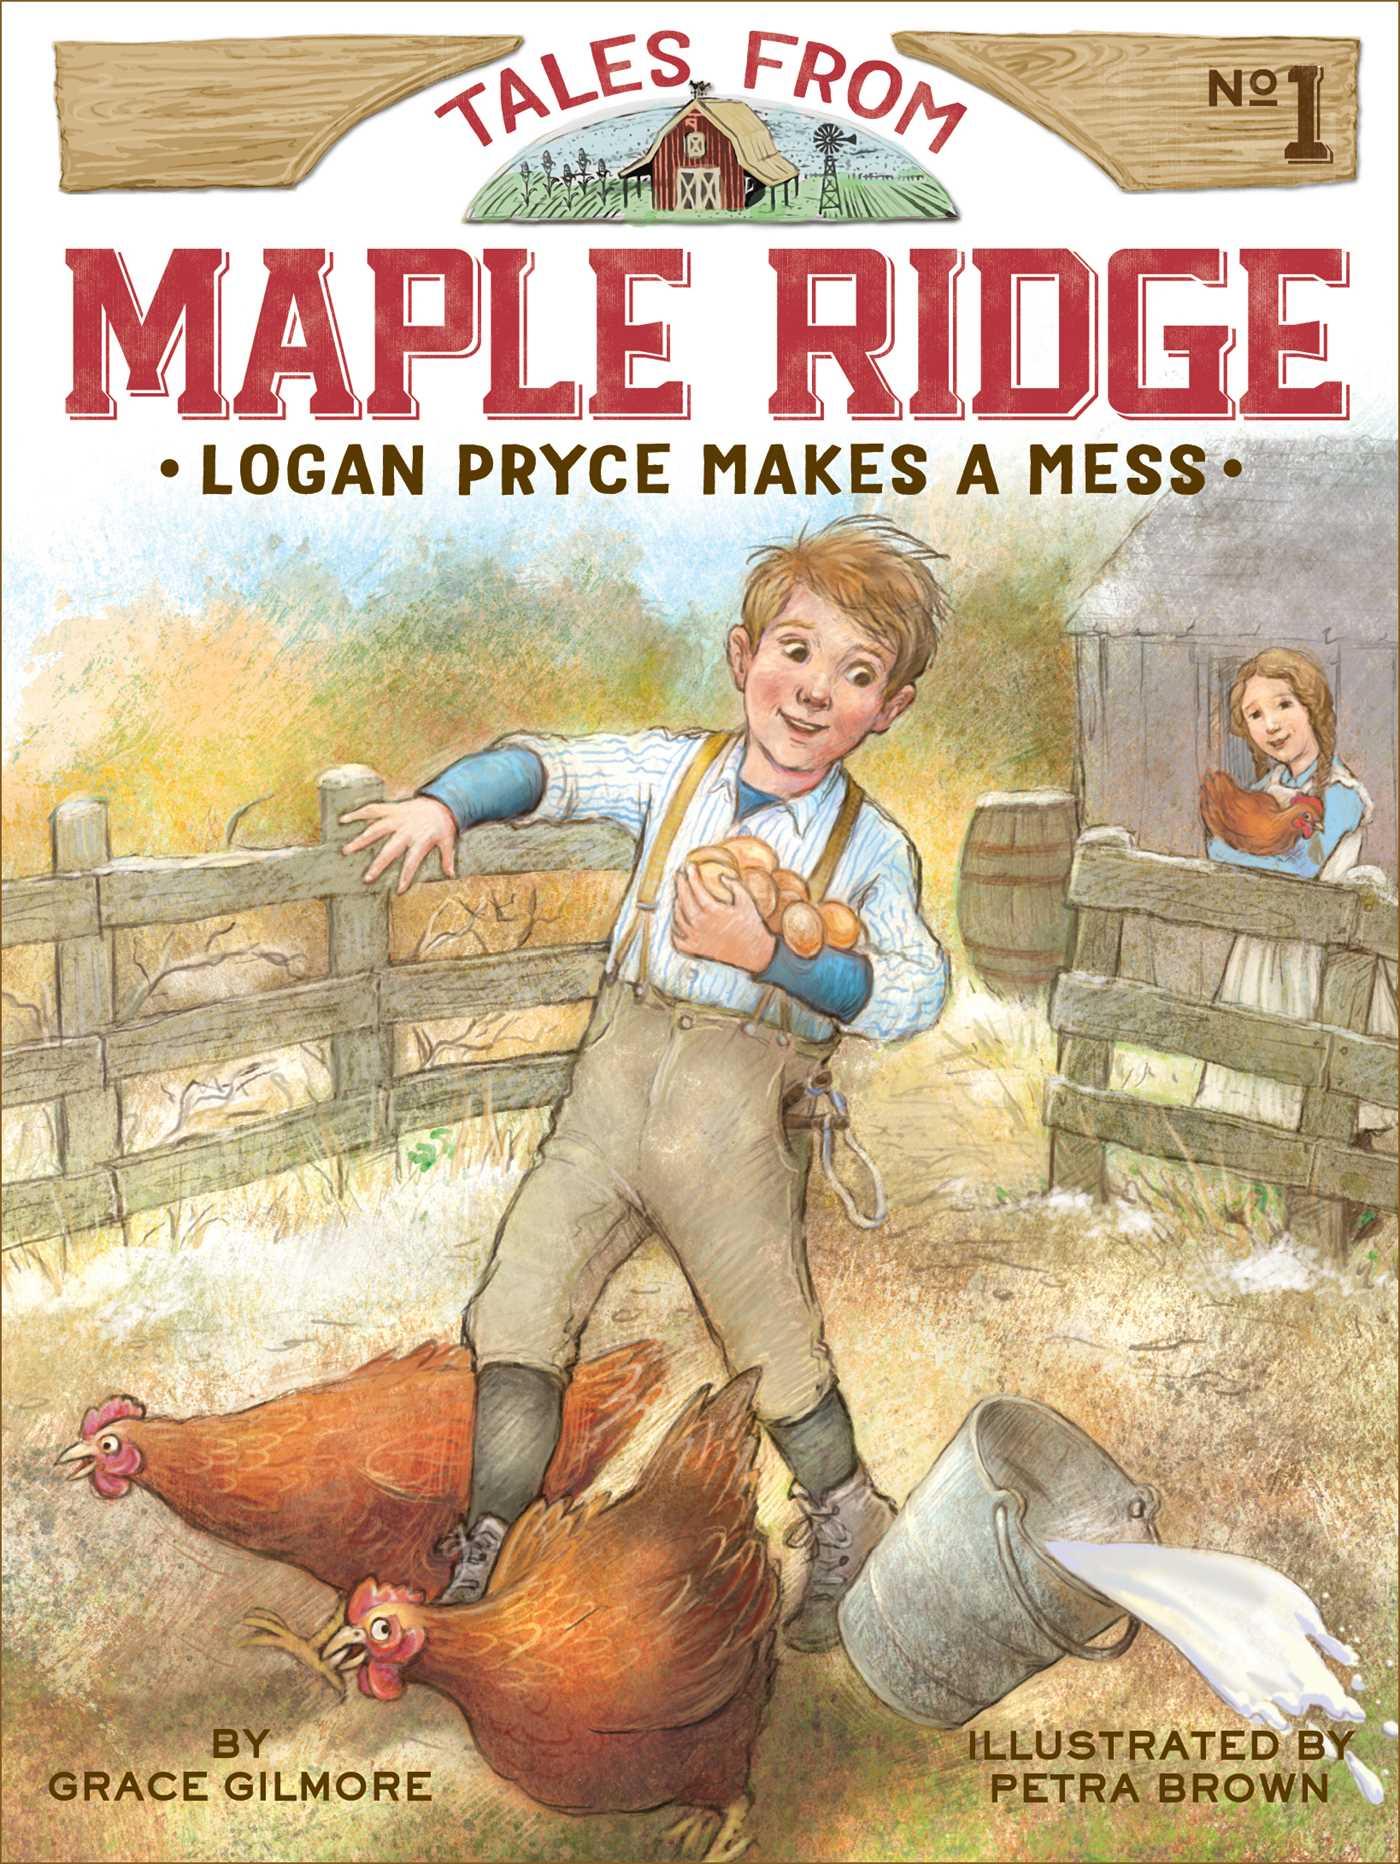 Logan pryce makes a mess 9781481426268 hr